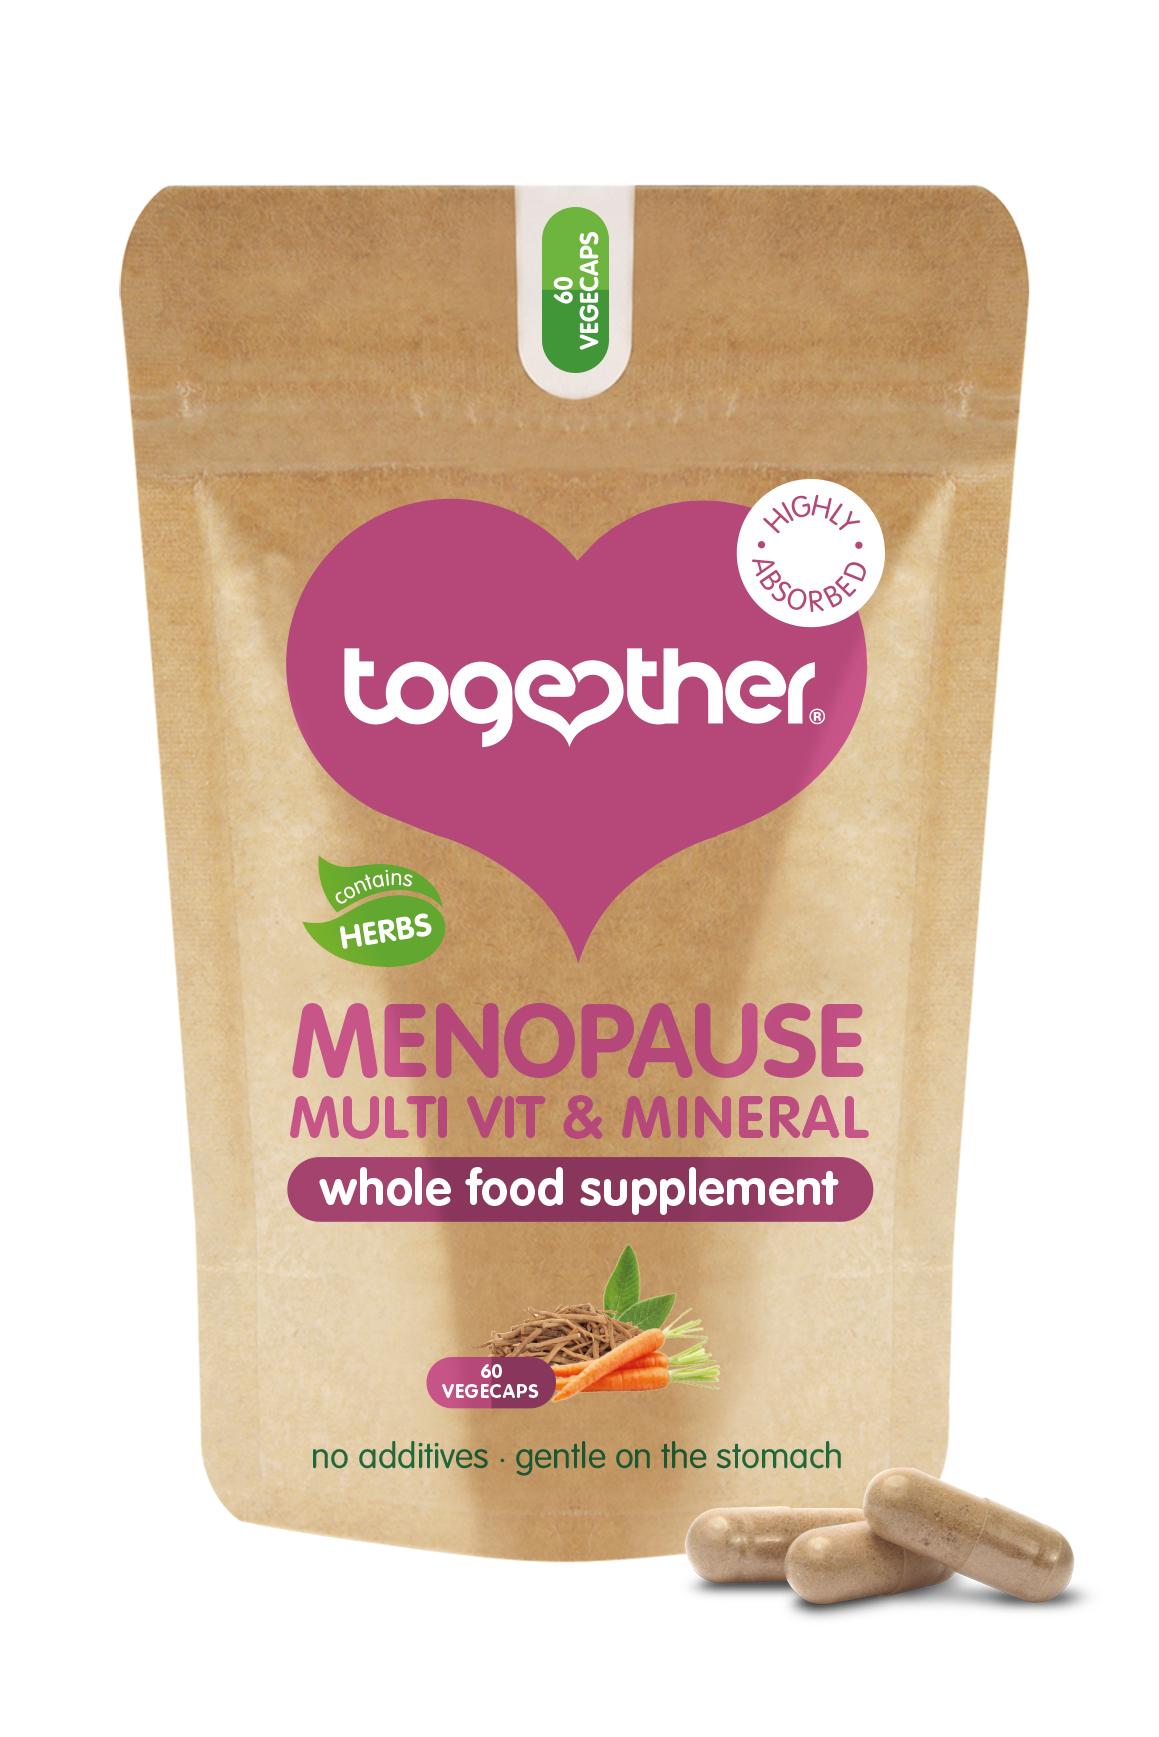 Menopause Multi Vit & Mineral 60's